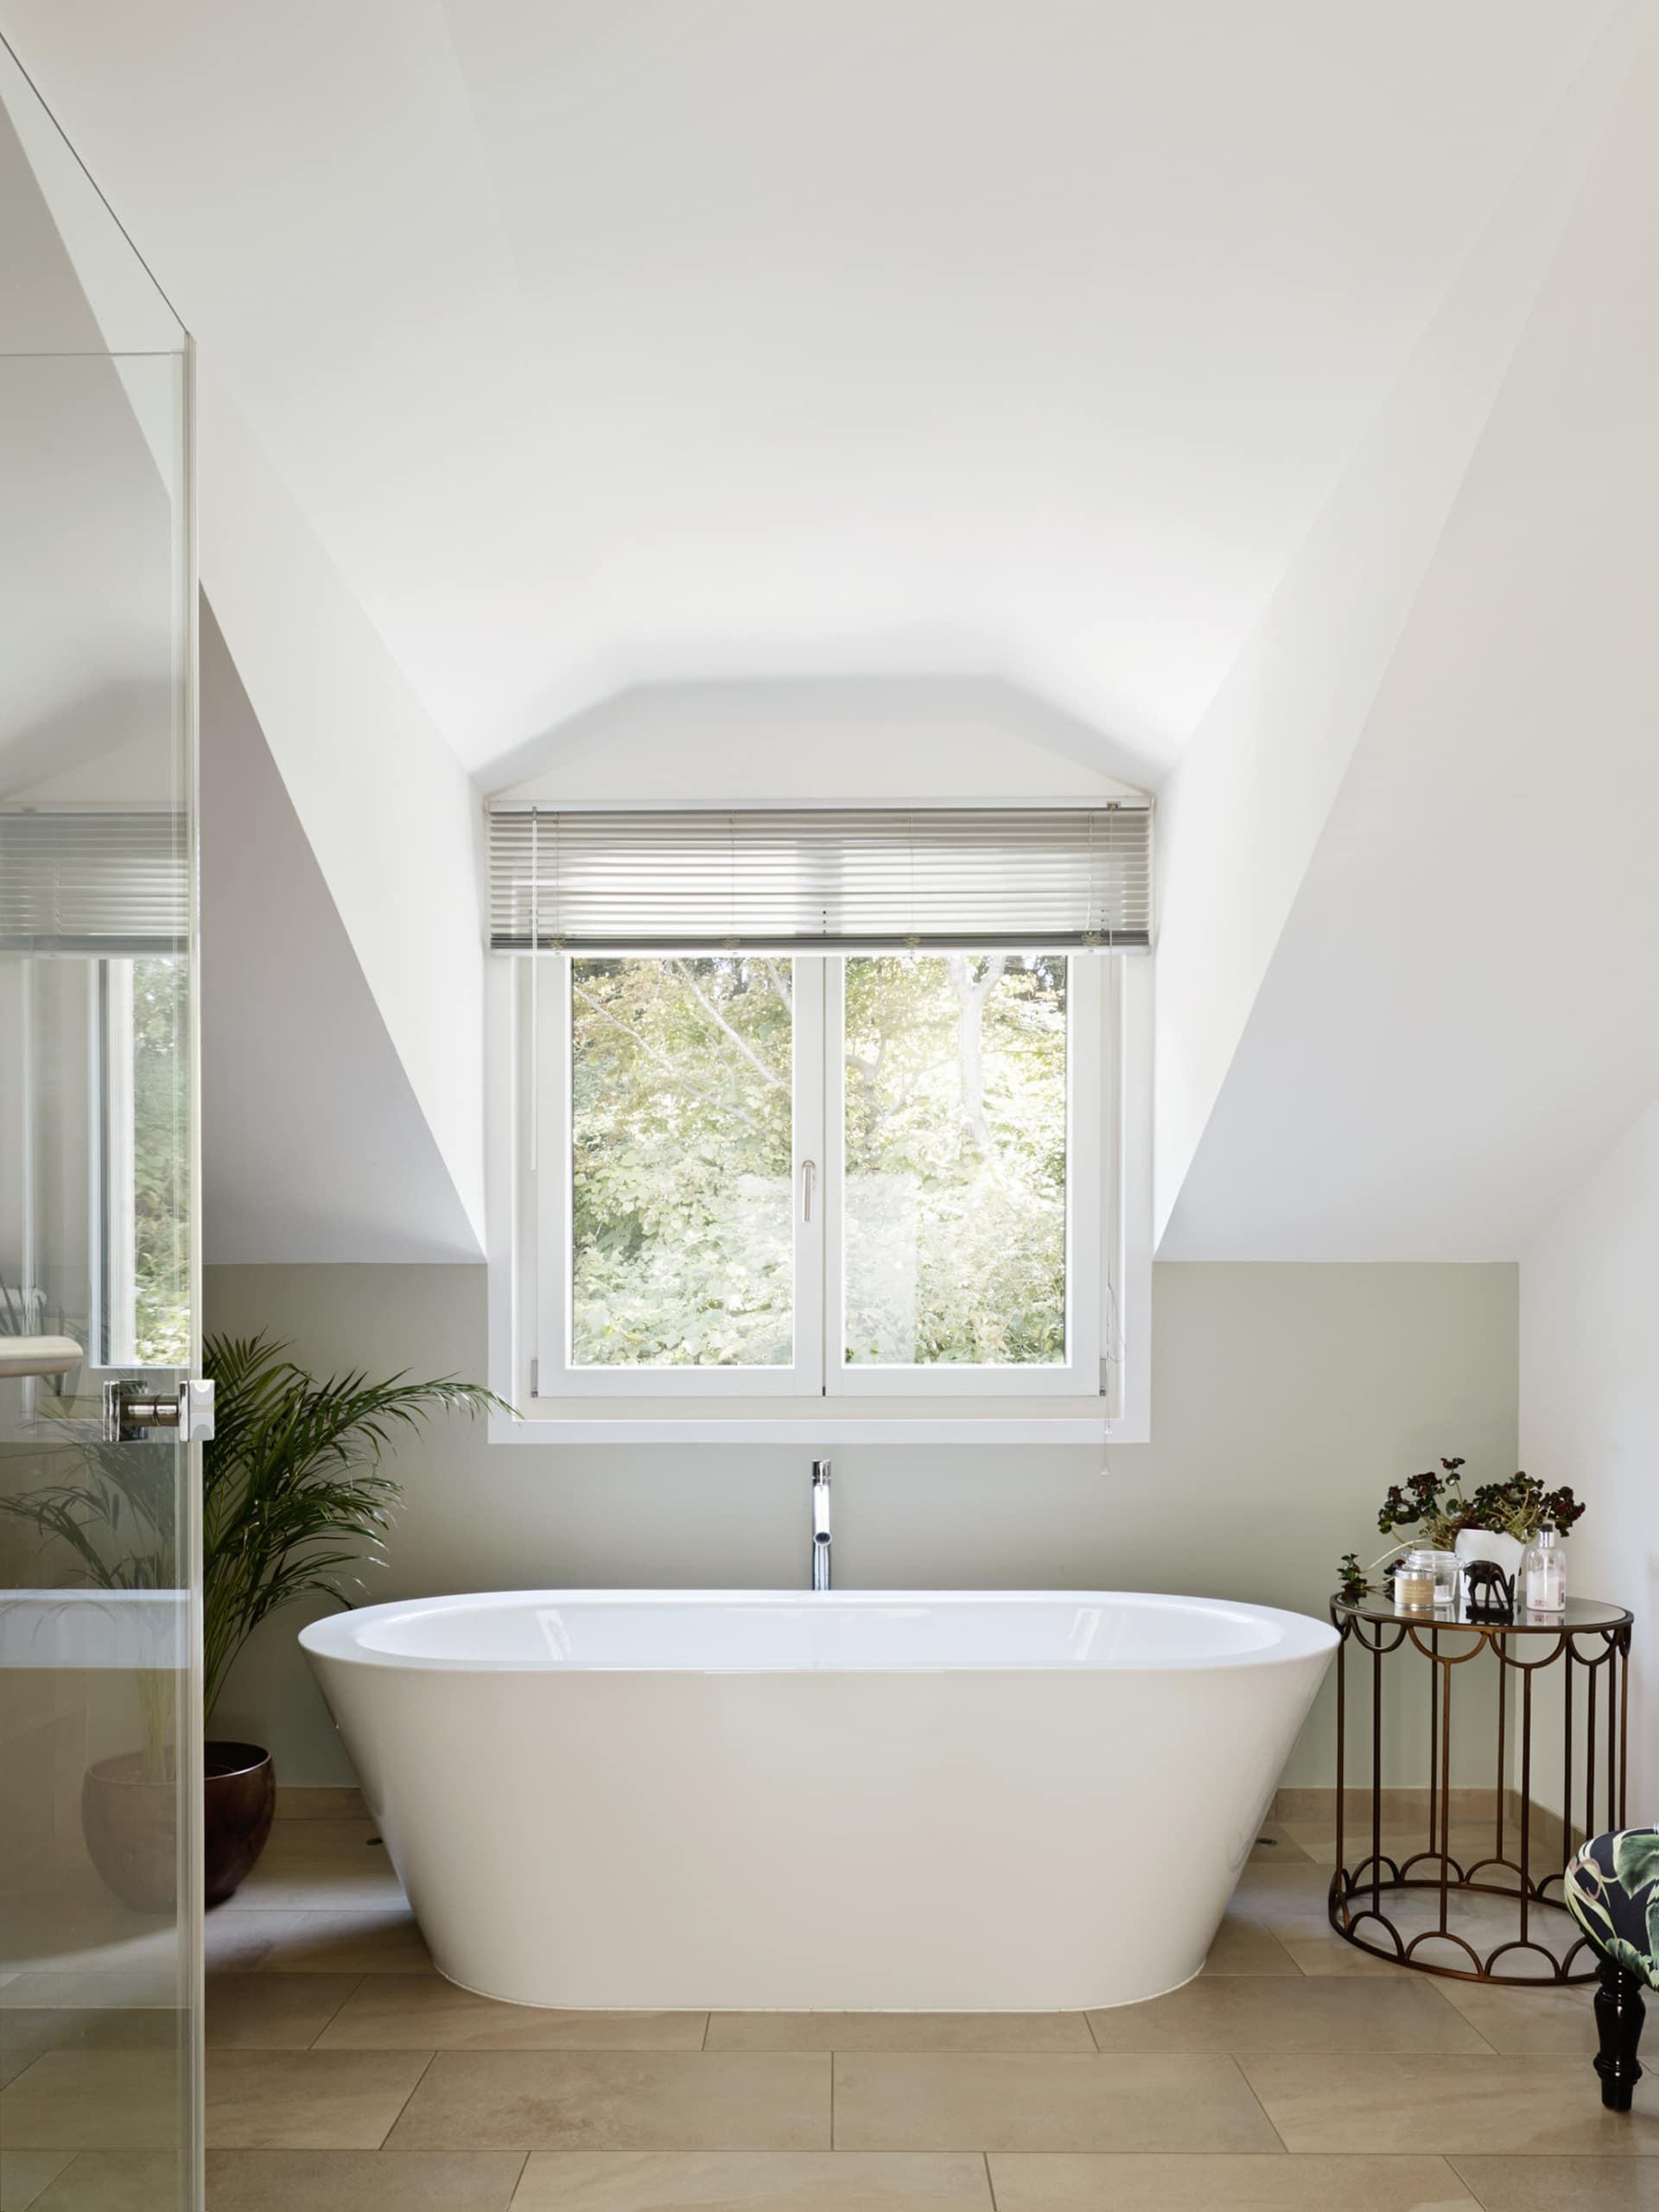 Badezimmer mit freistehender Badewanne unter Fenster - Inneneinrichtung Landhaus Villa Baufritz Fertighaus FORTESCUE - HausbauDirekt.de